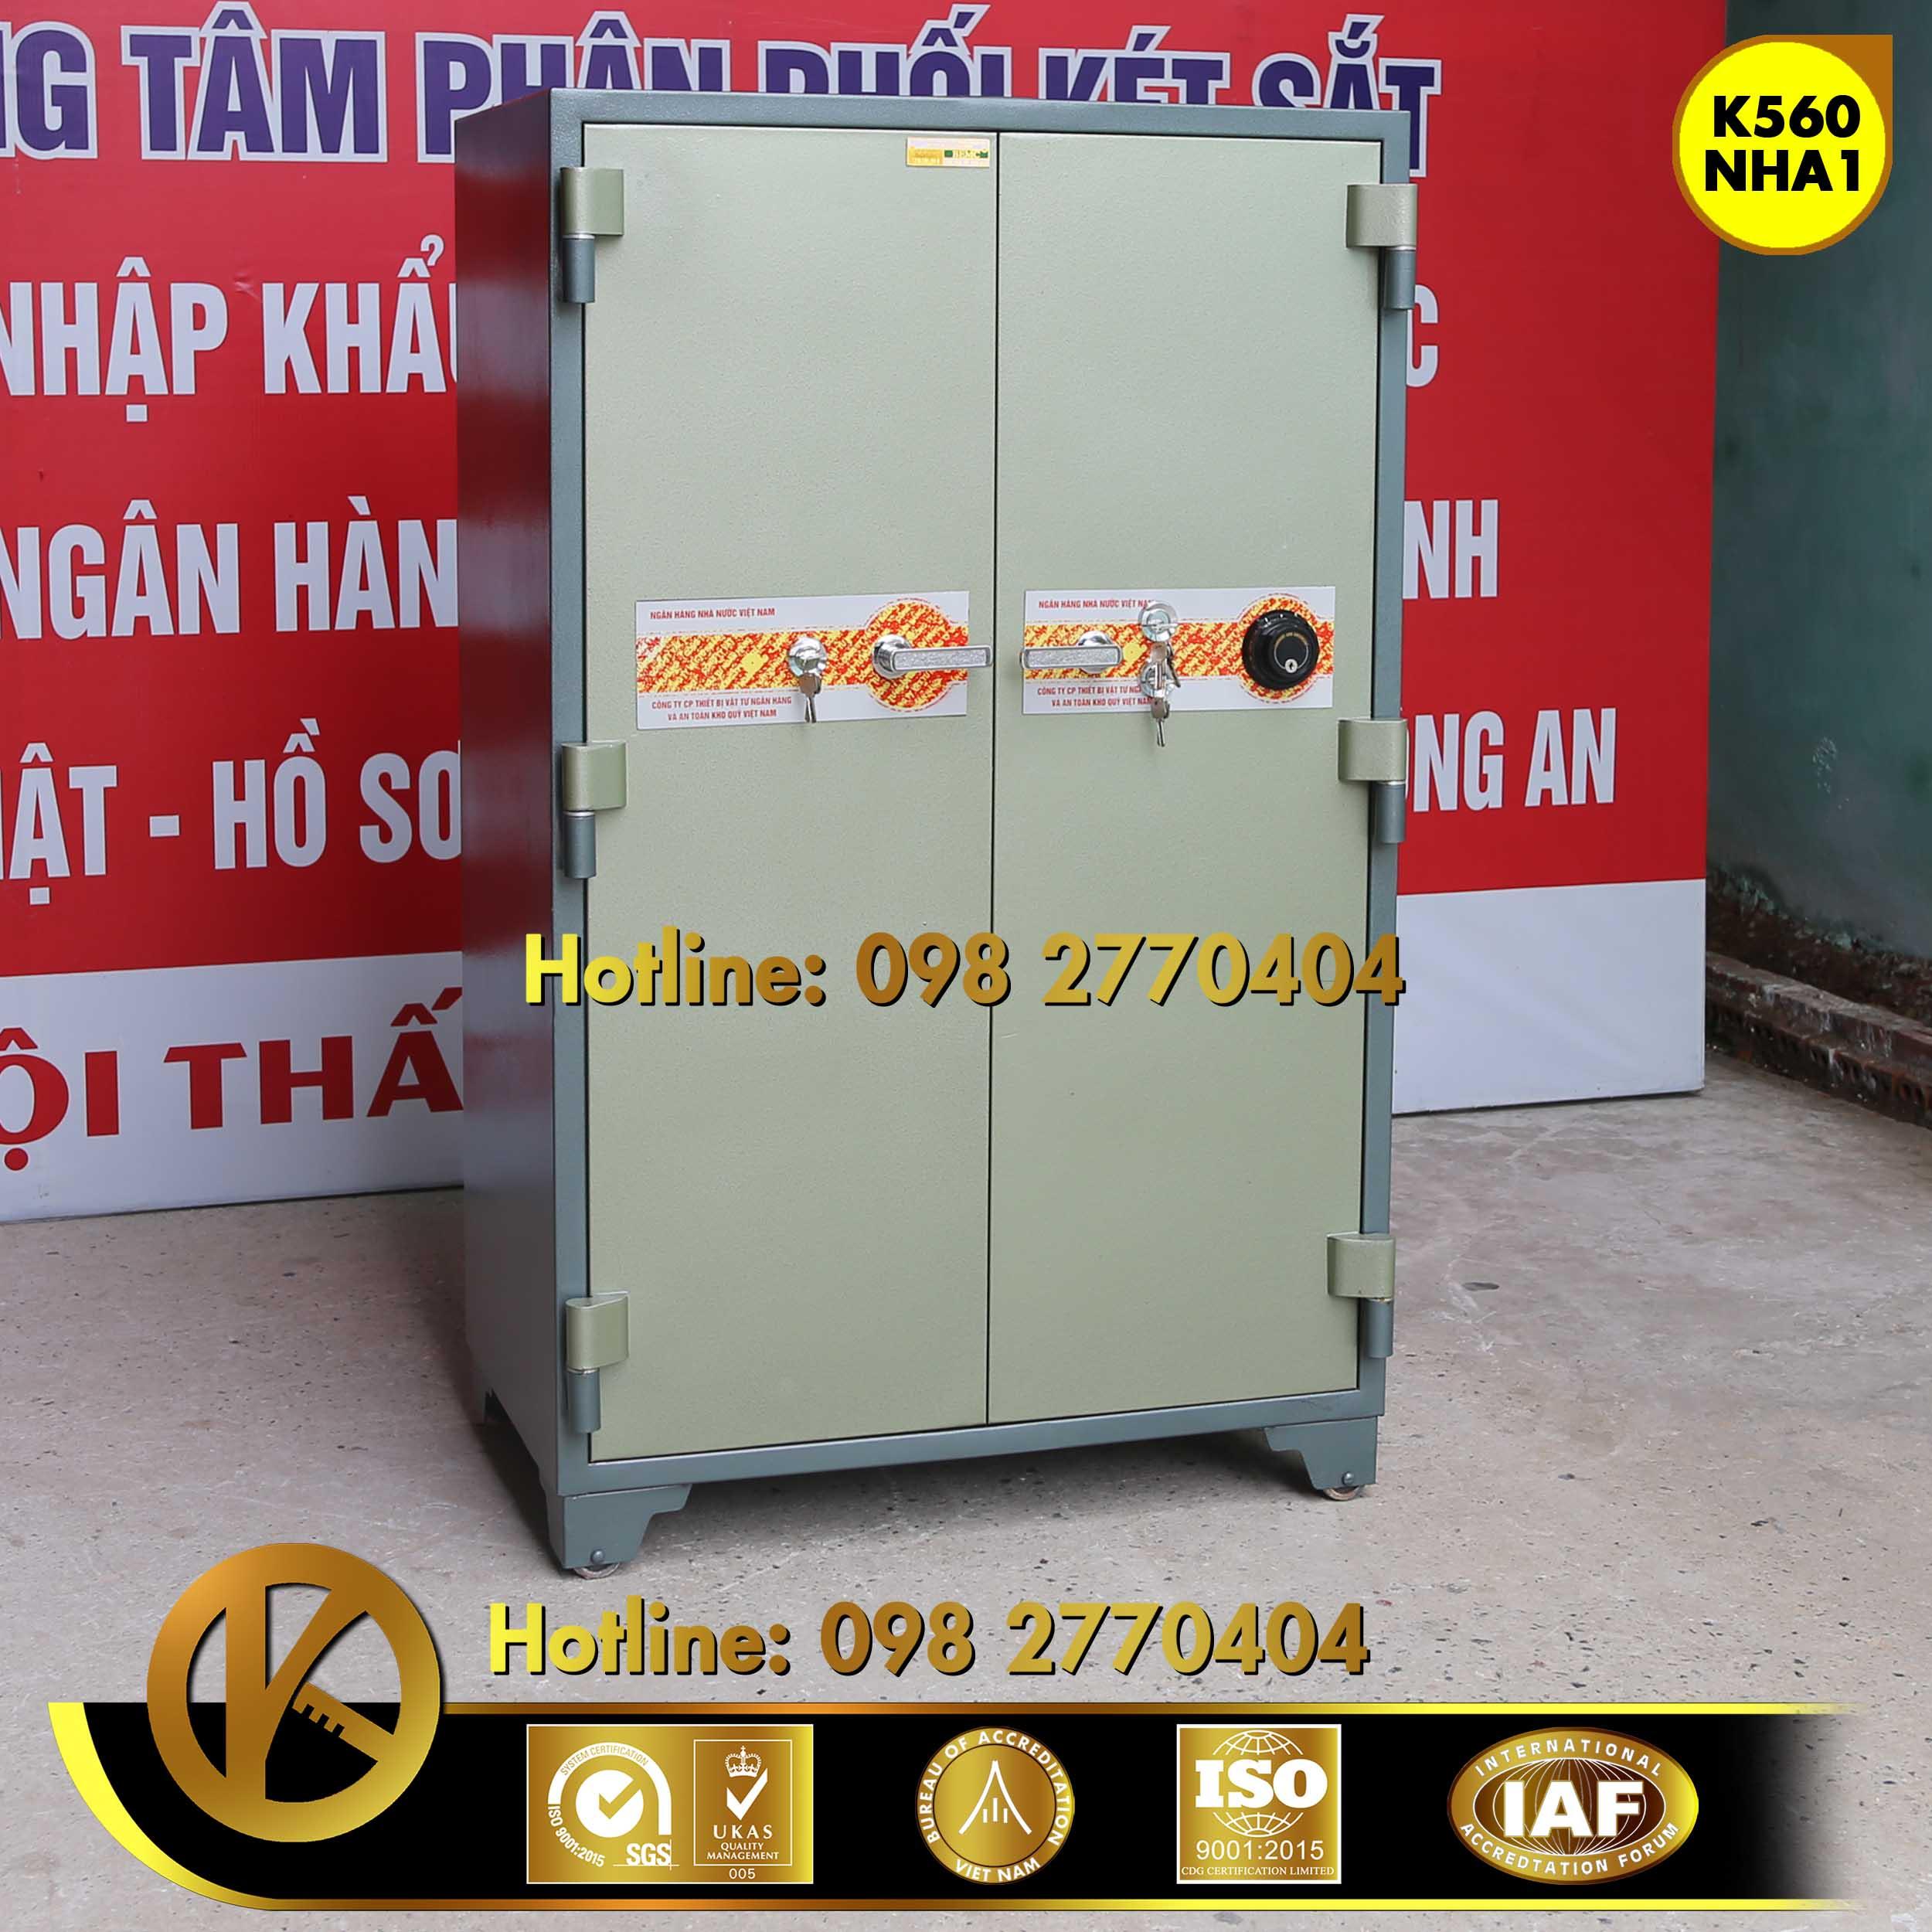 đặc điểm sản phẩm Két sắt ngân hàng K560 NHA1 khóa đổi mã Xanh